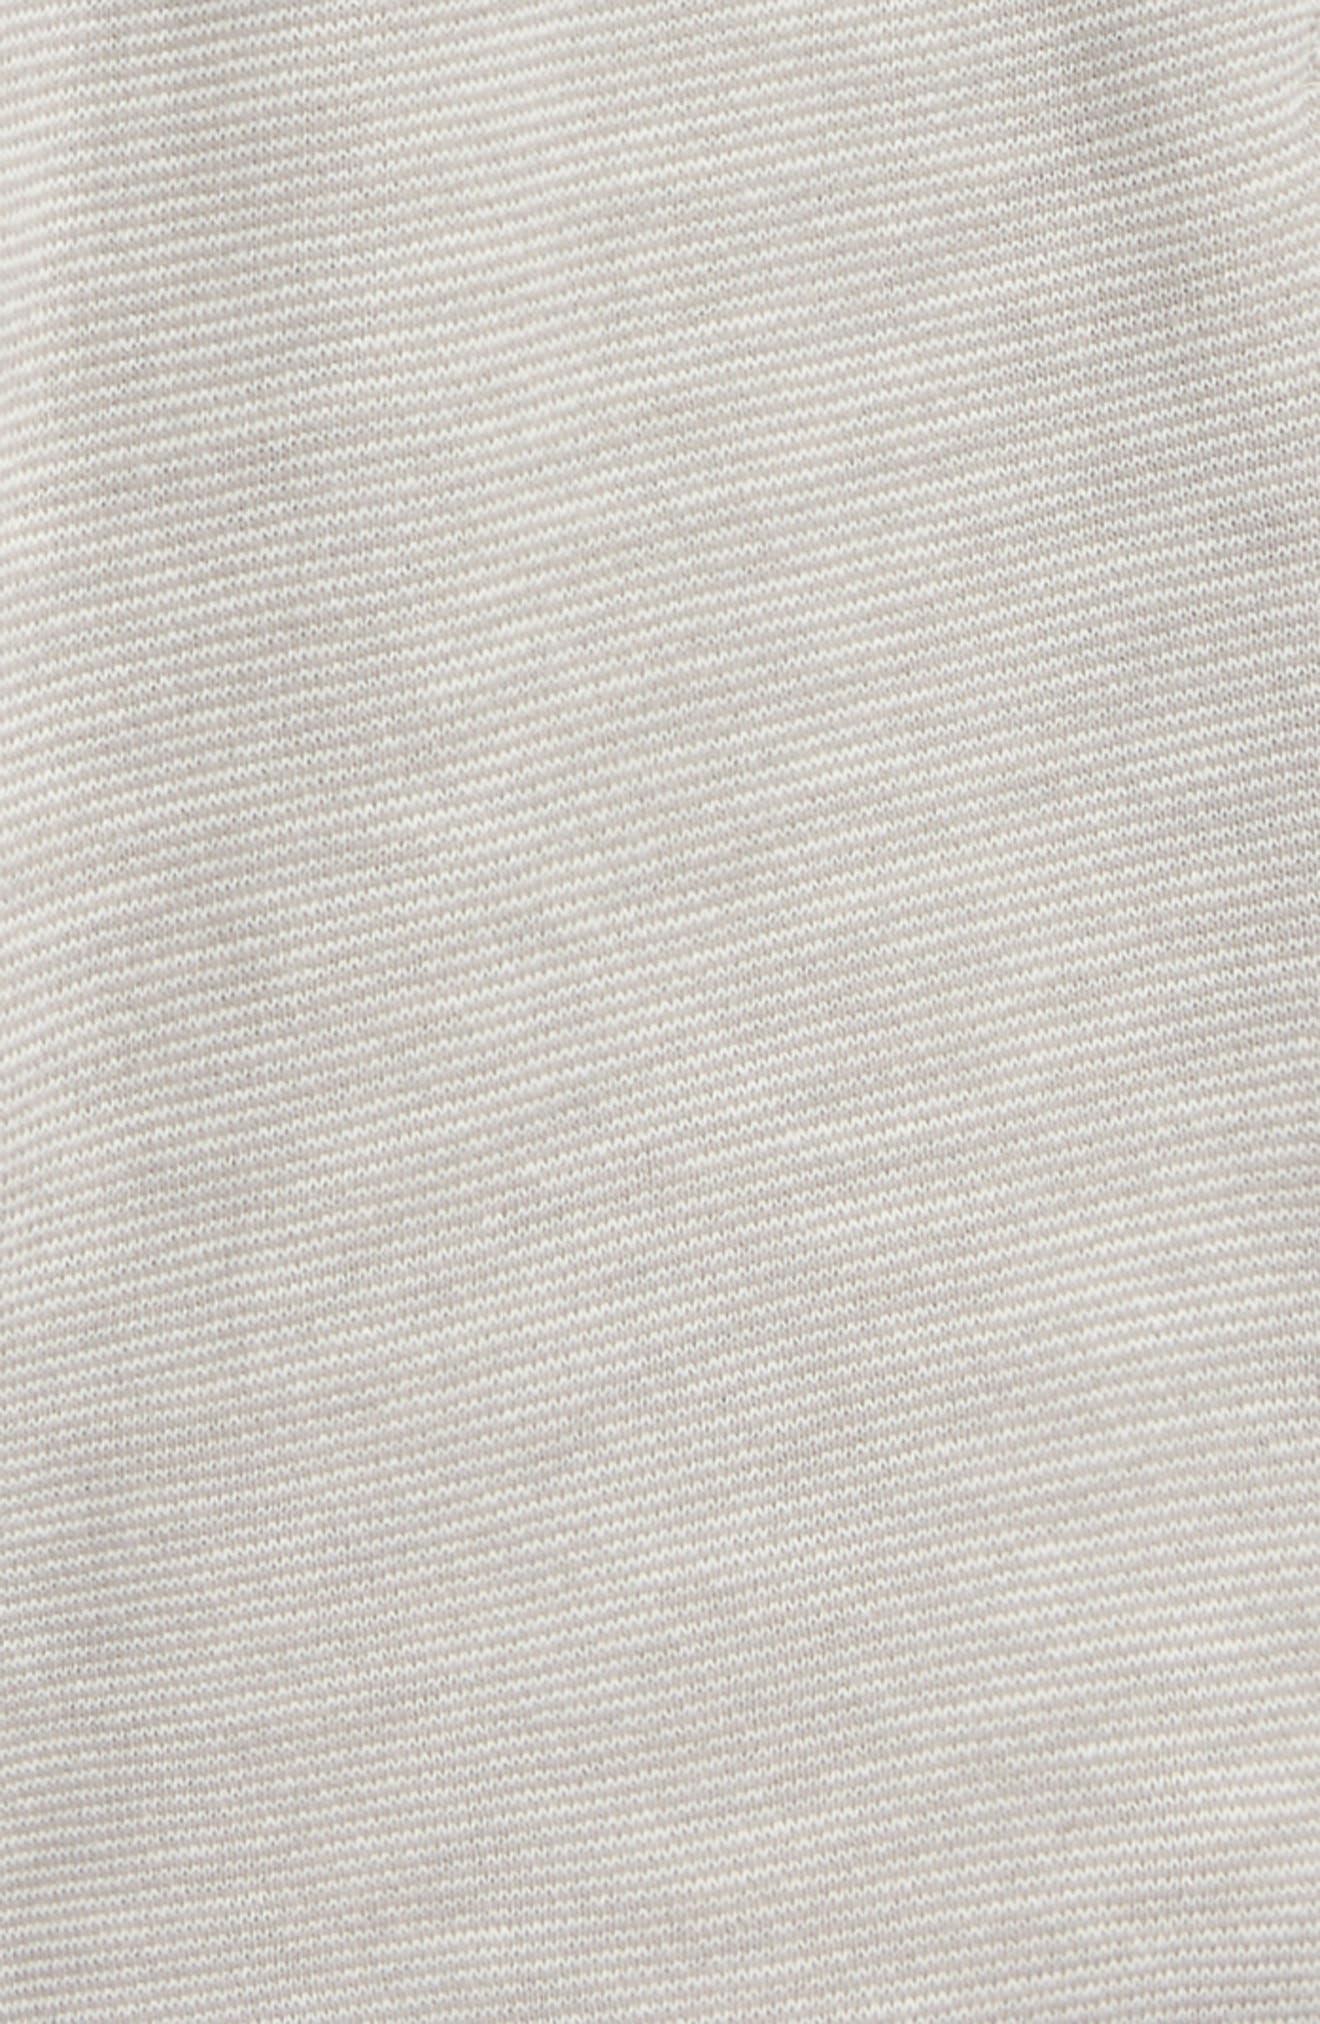 Balance Shorts,                             Alternate thumbnail 2, color,                             OATMEAL